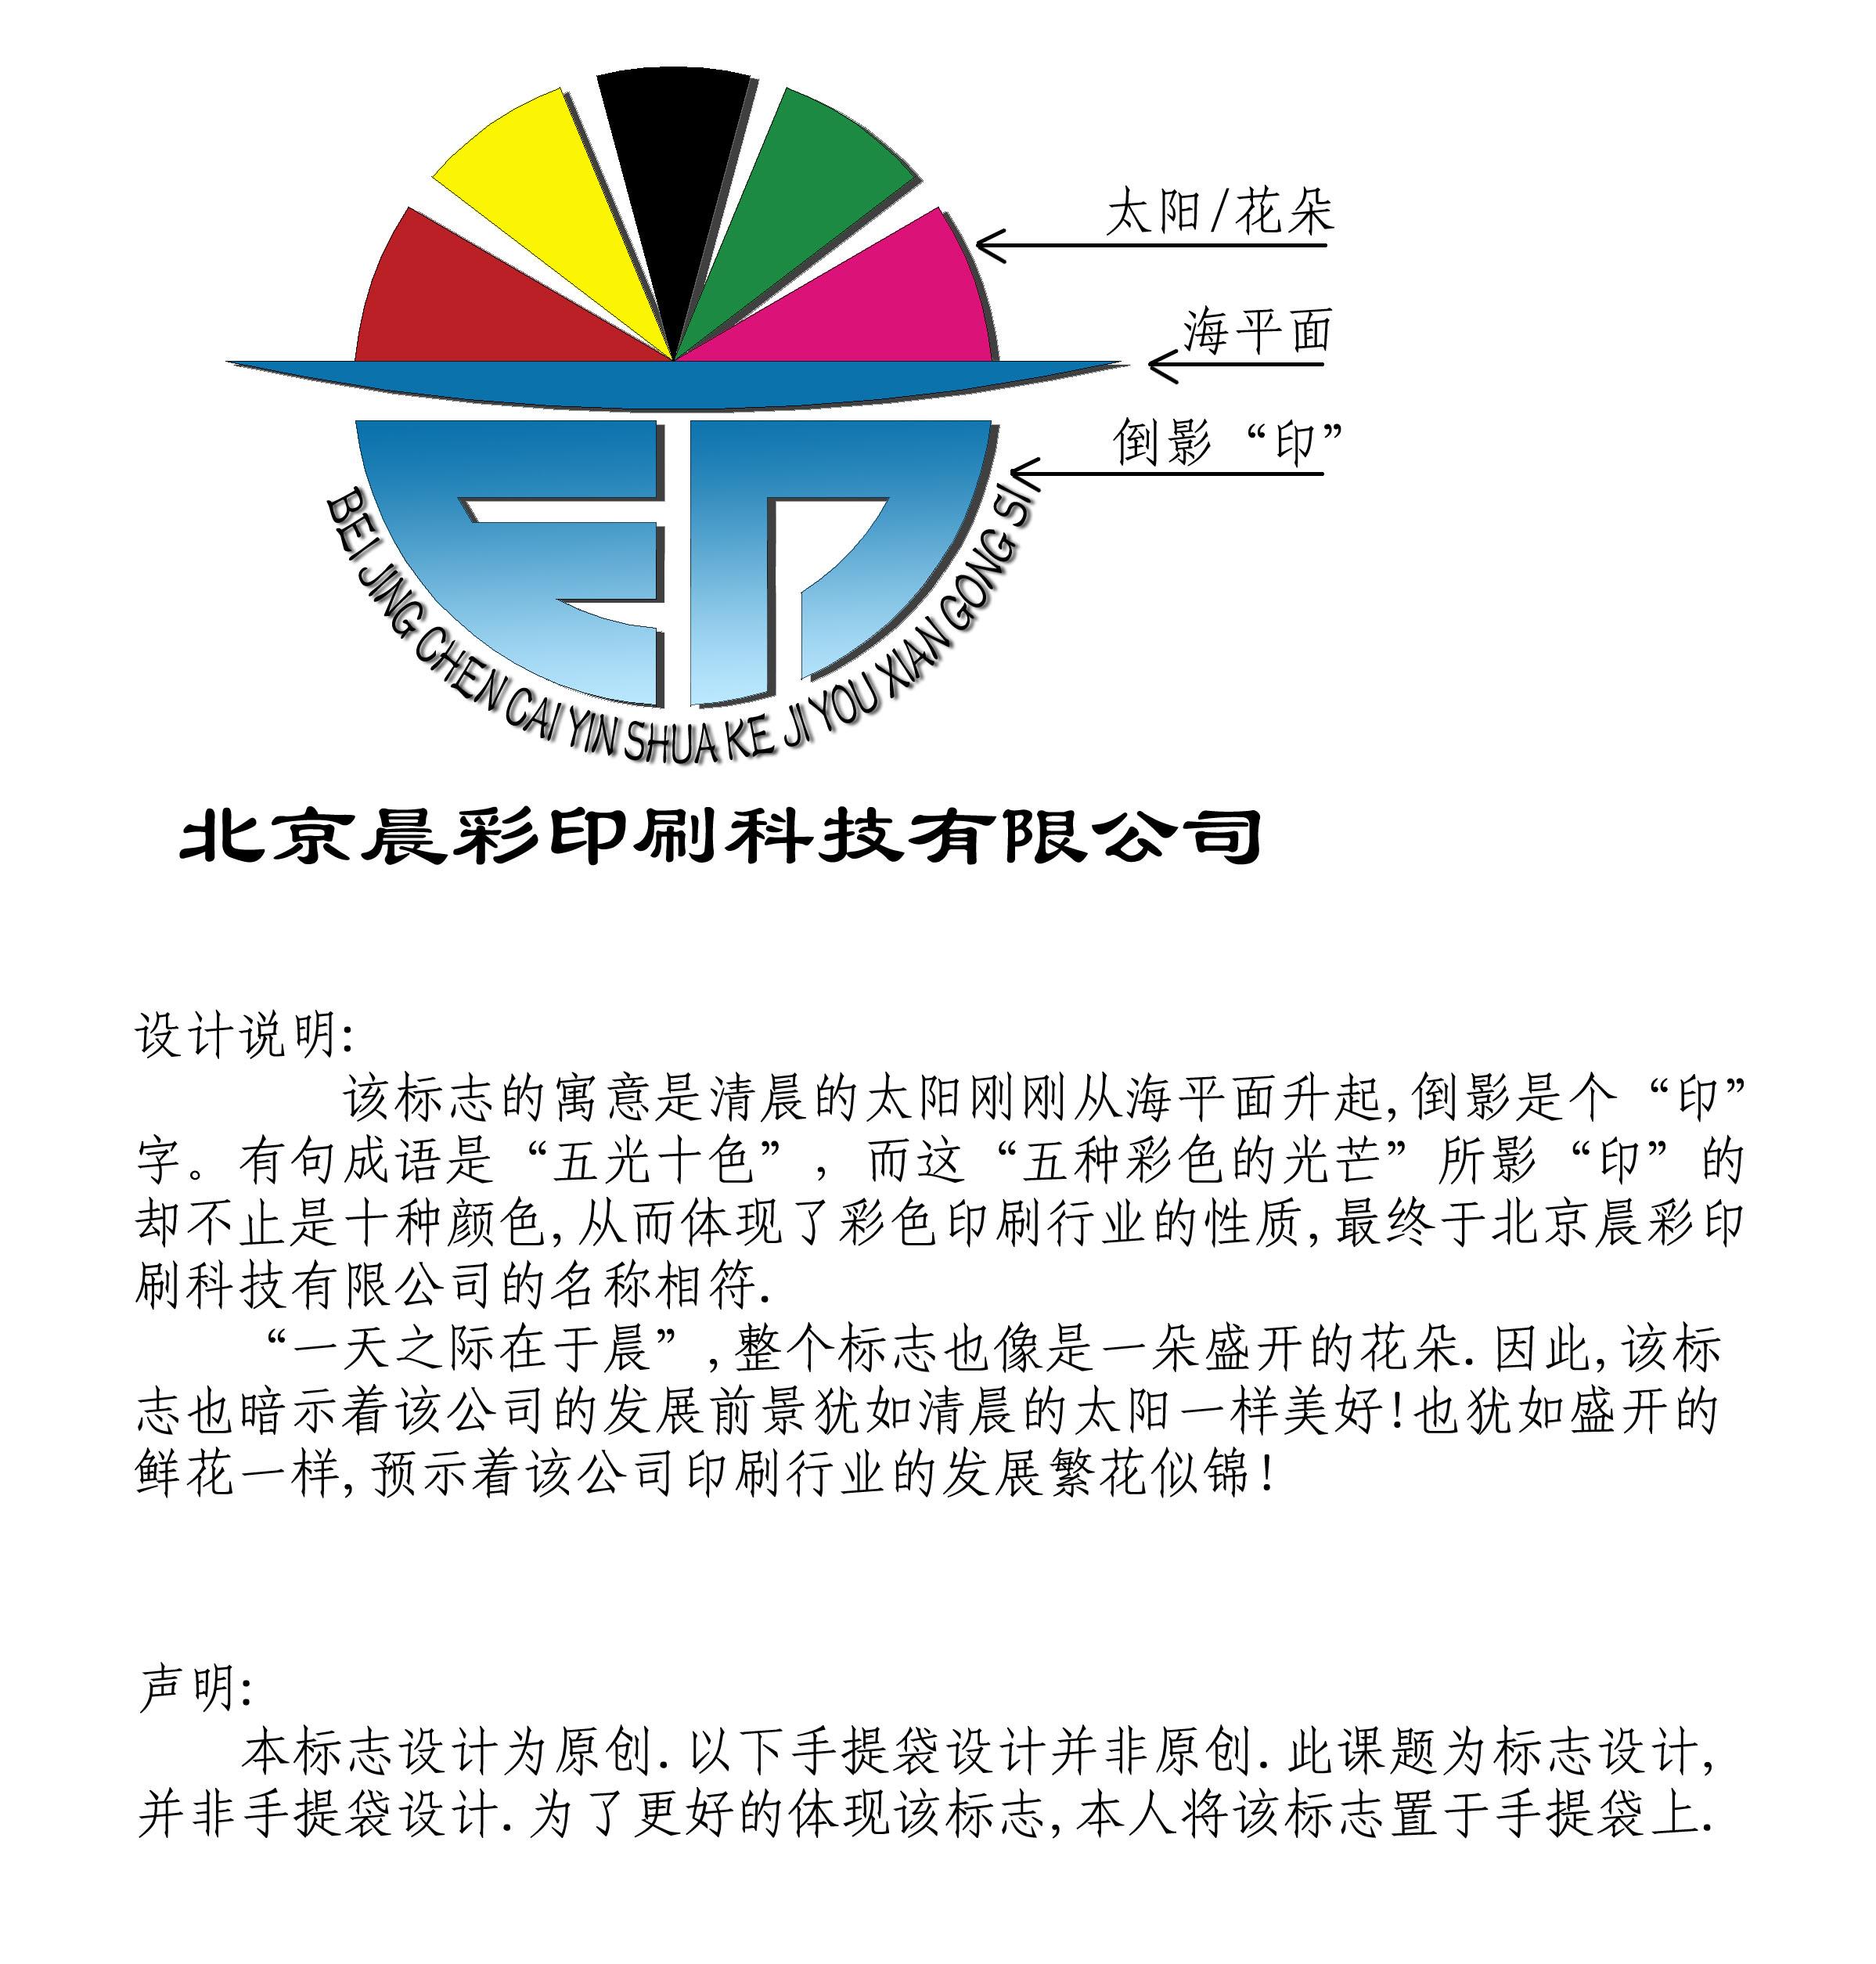 北京晨彩印刷公司logo/名片设计(新增内容)